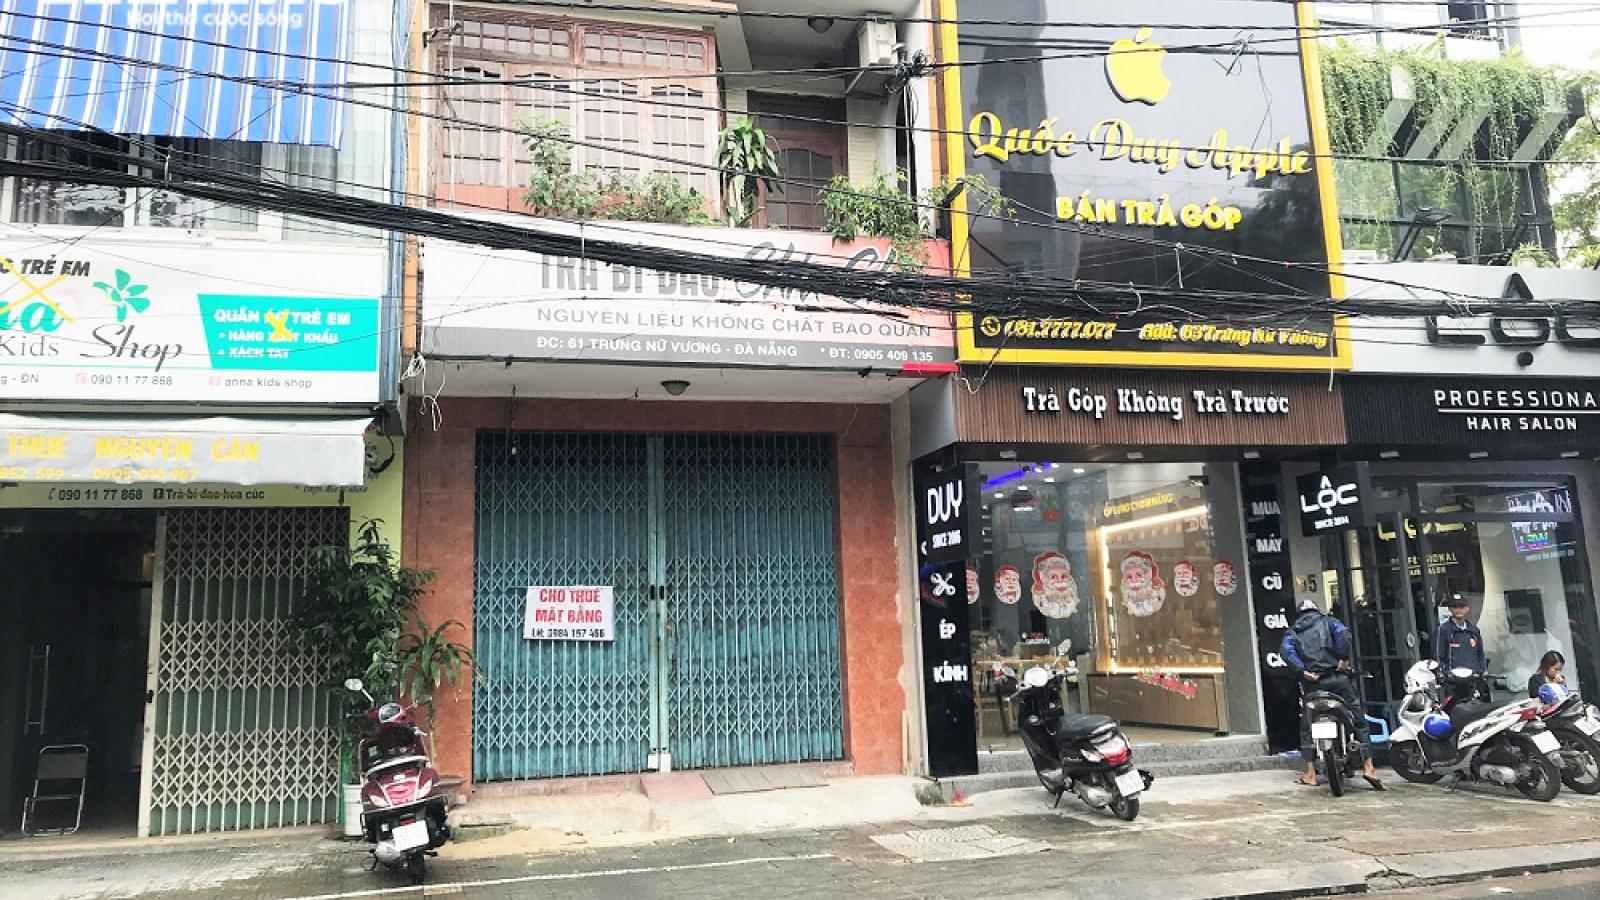 Giảm giá sâu, mặt bằng cho thuê ở Đà Nẵng vẫn 'cửa đóng then cài'